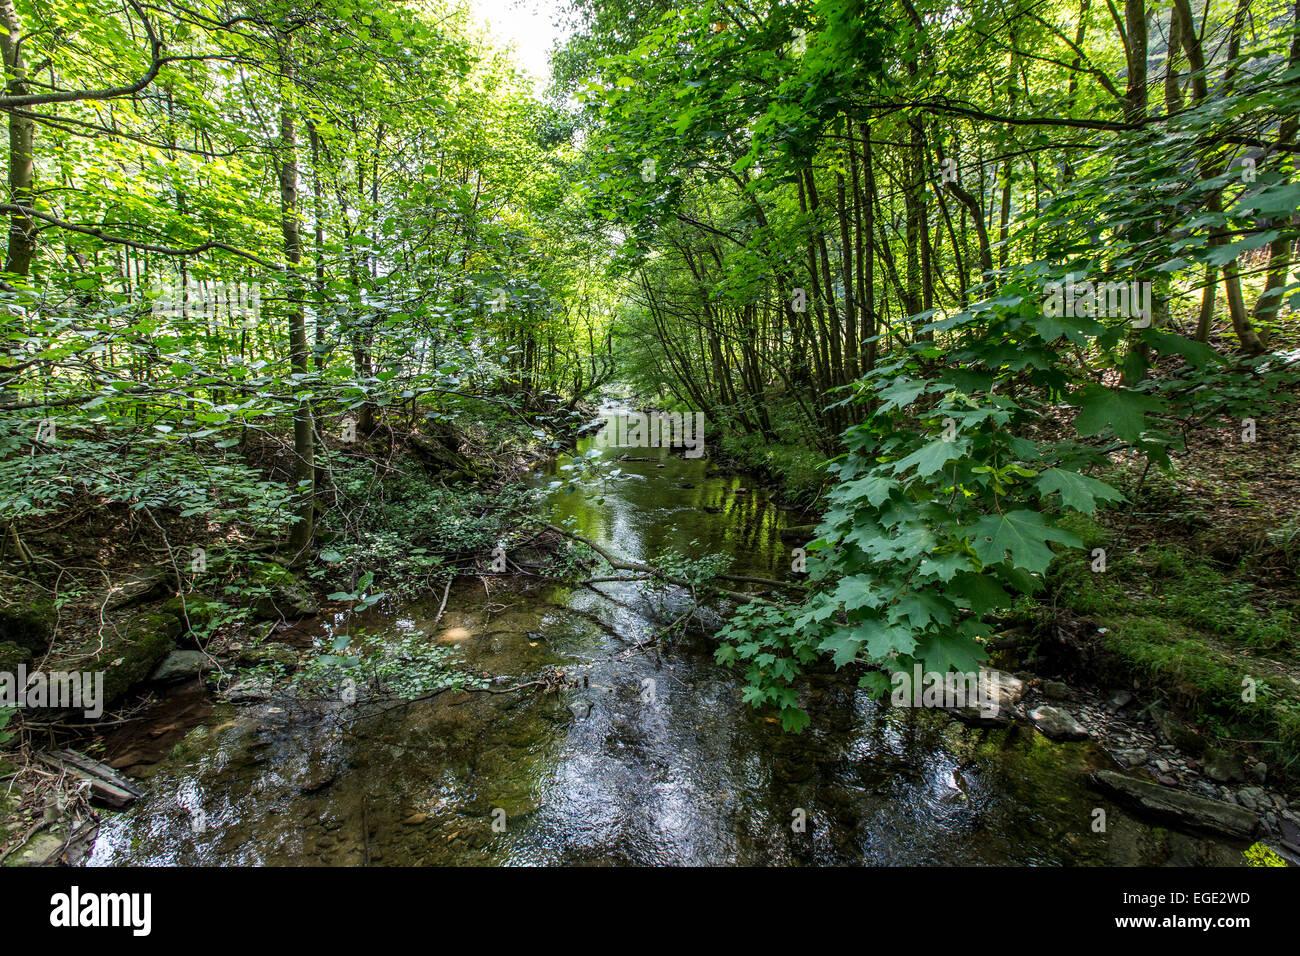 Kneippkur, Hydrotherapie im Fluss Ruhr, ein Themenweg Wandern im Sauerland, Deutschland, Stockbild